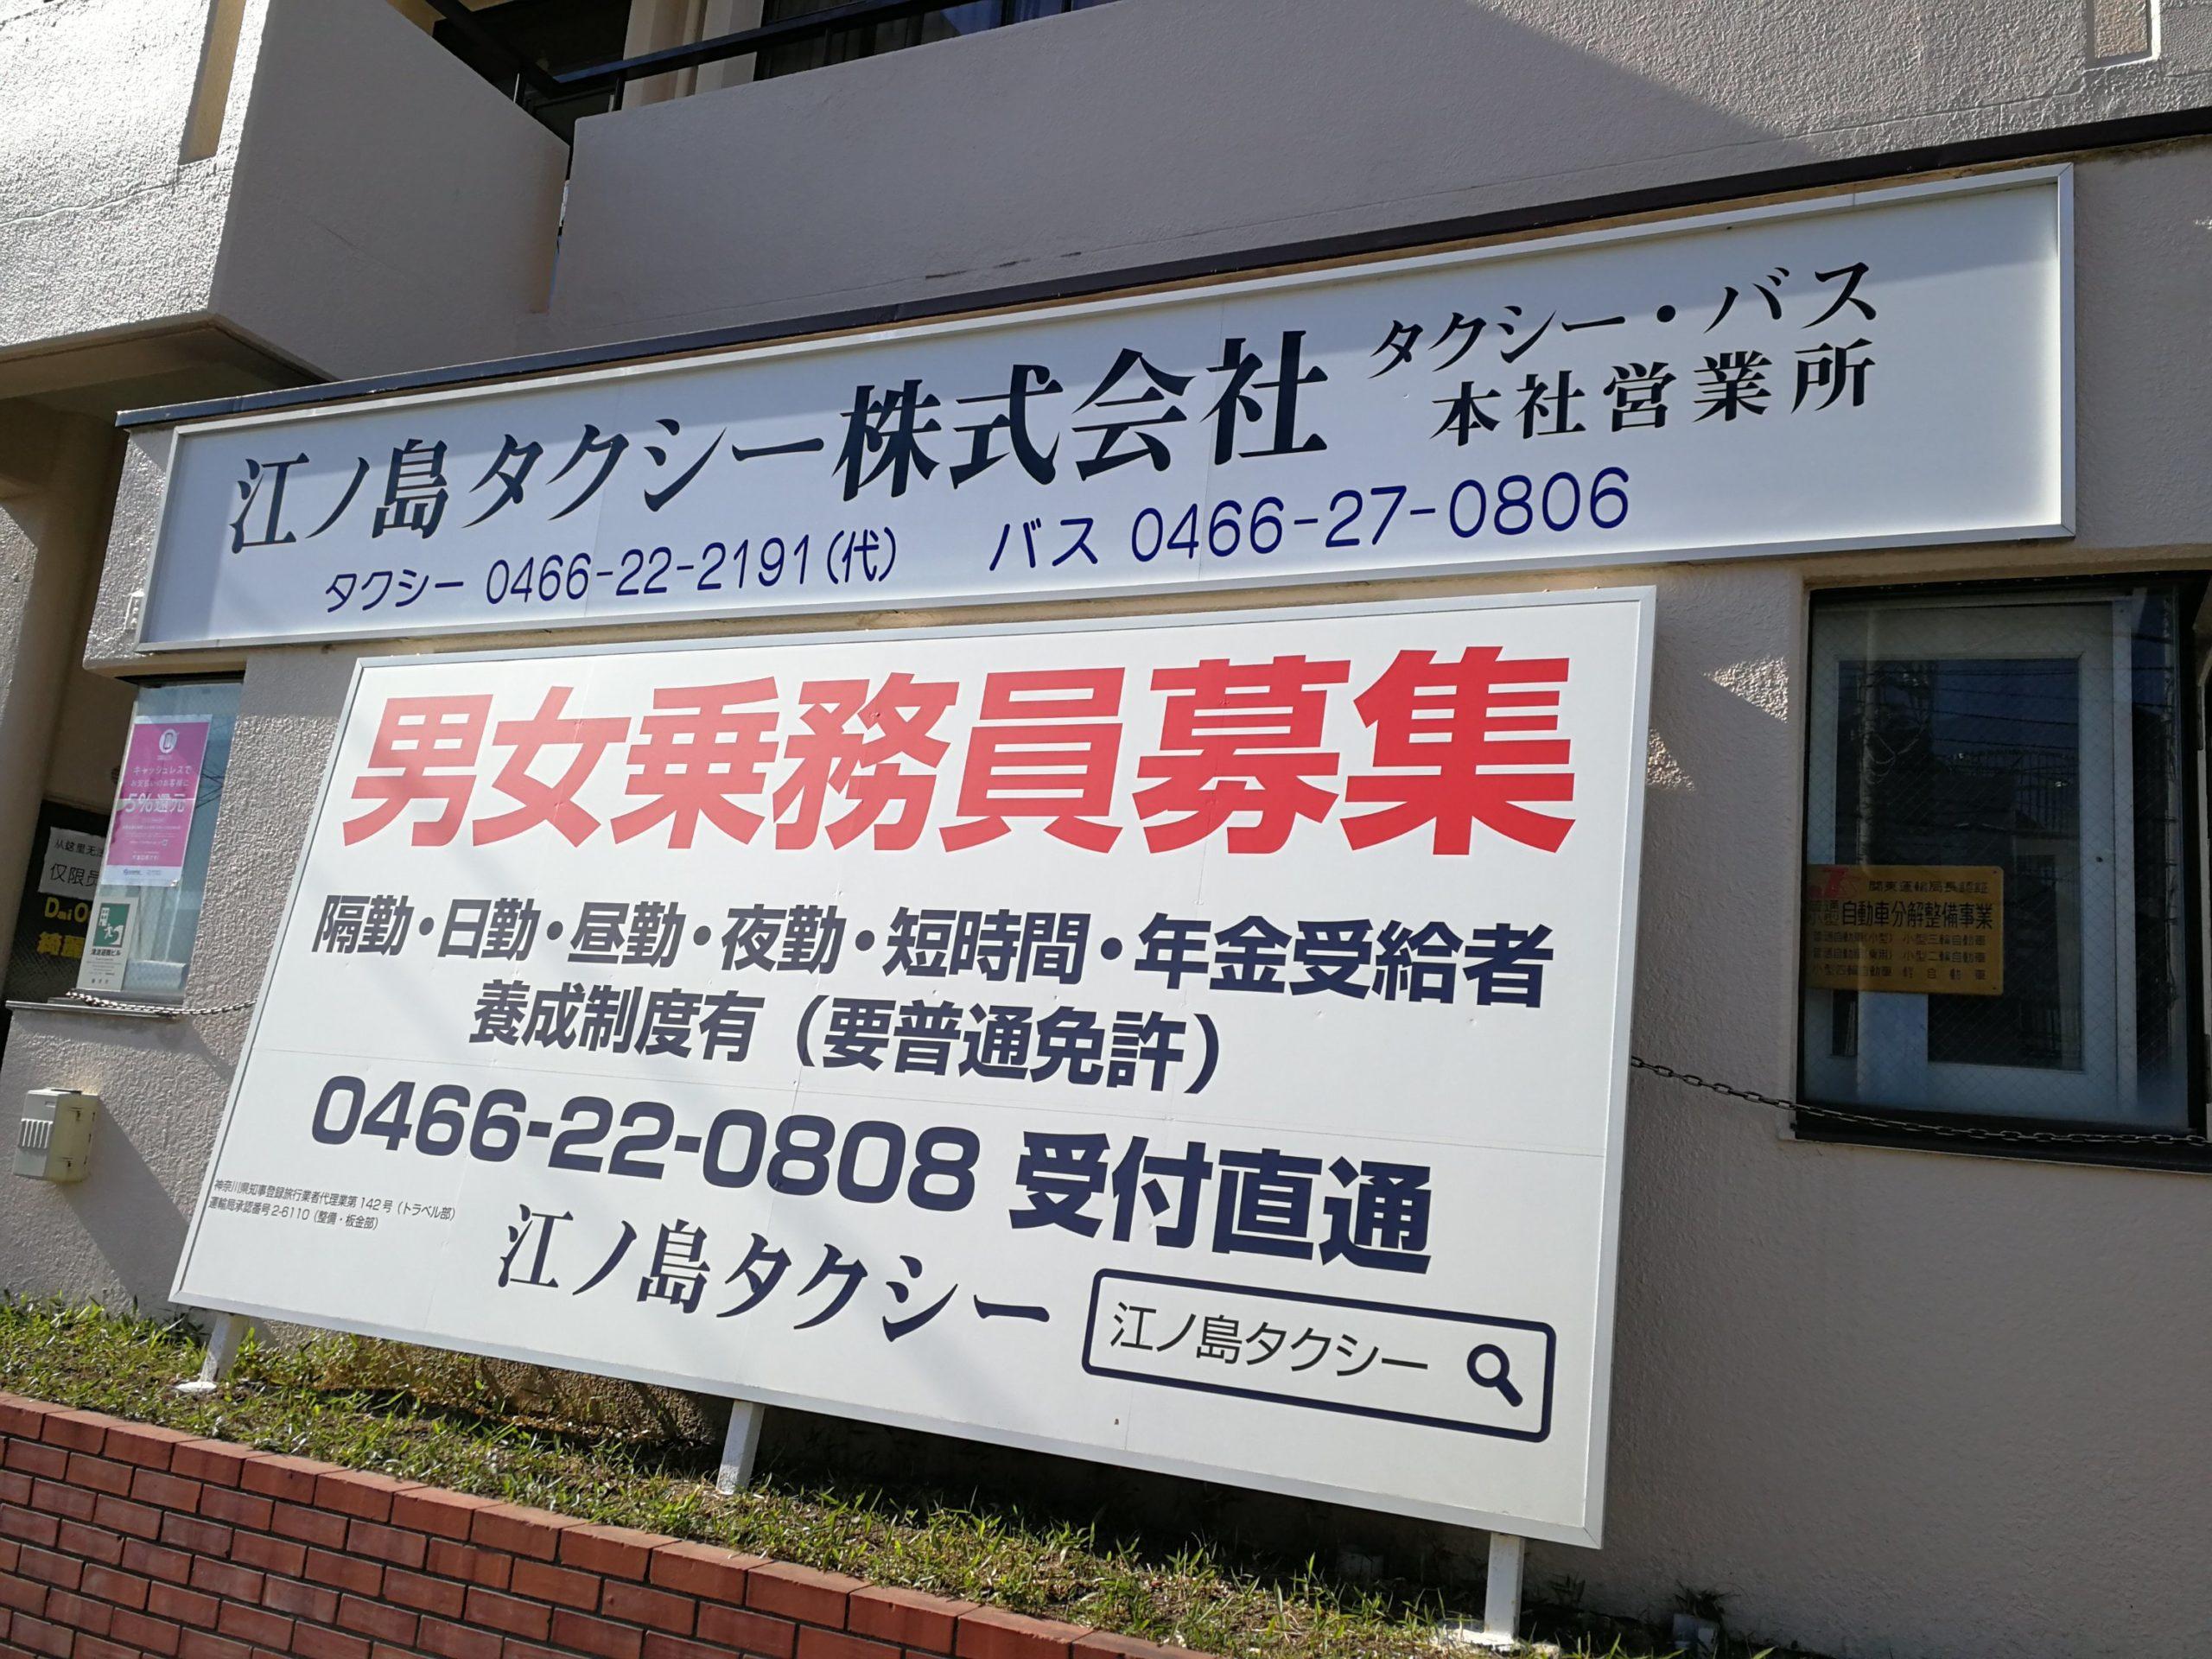 有限 会社 加藤 タクシー